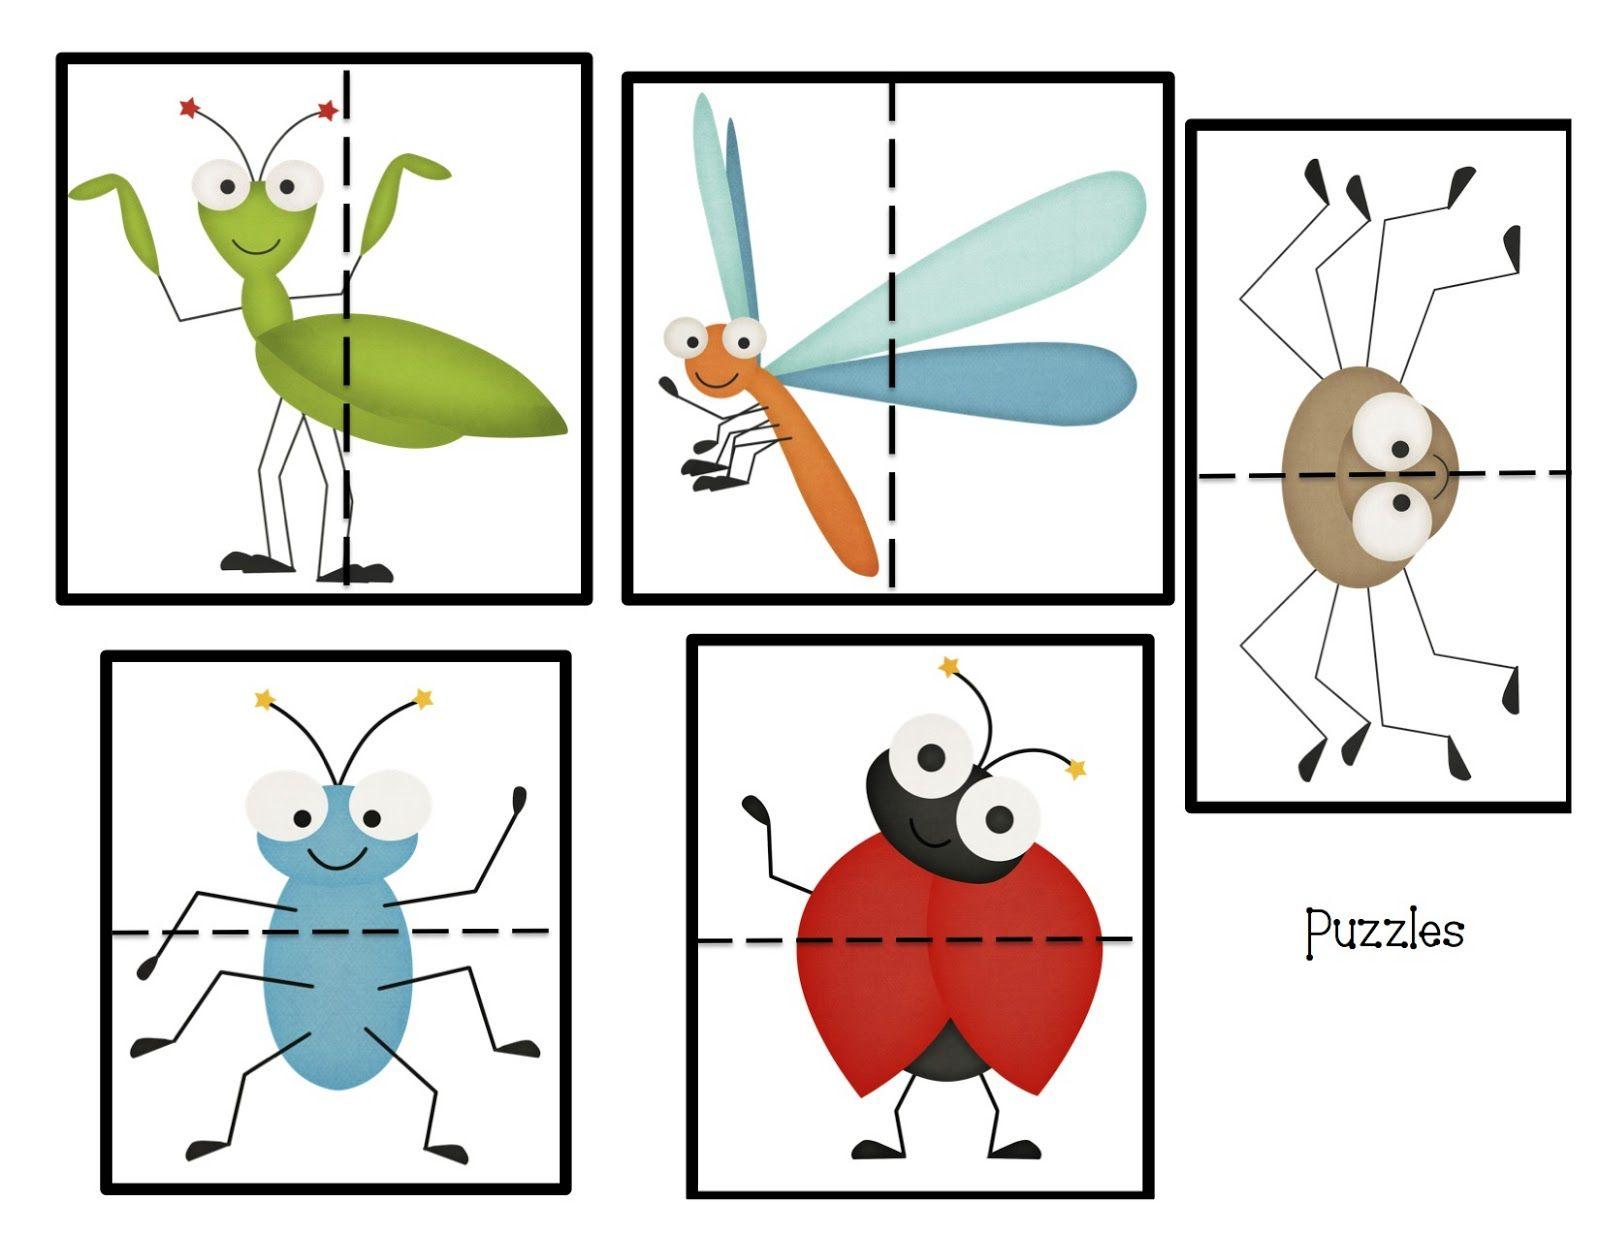 Bug Puzzles 2 1 600 1 236 Pixels